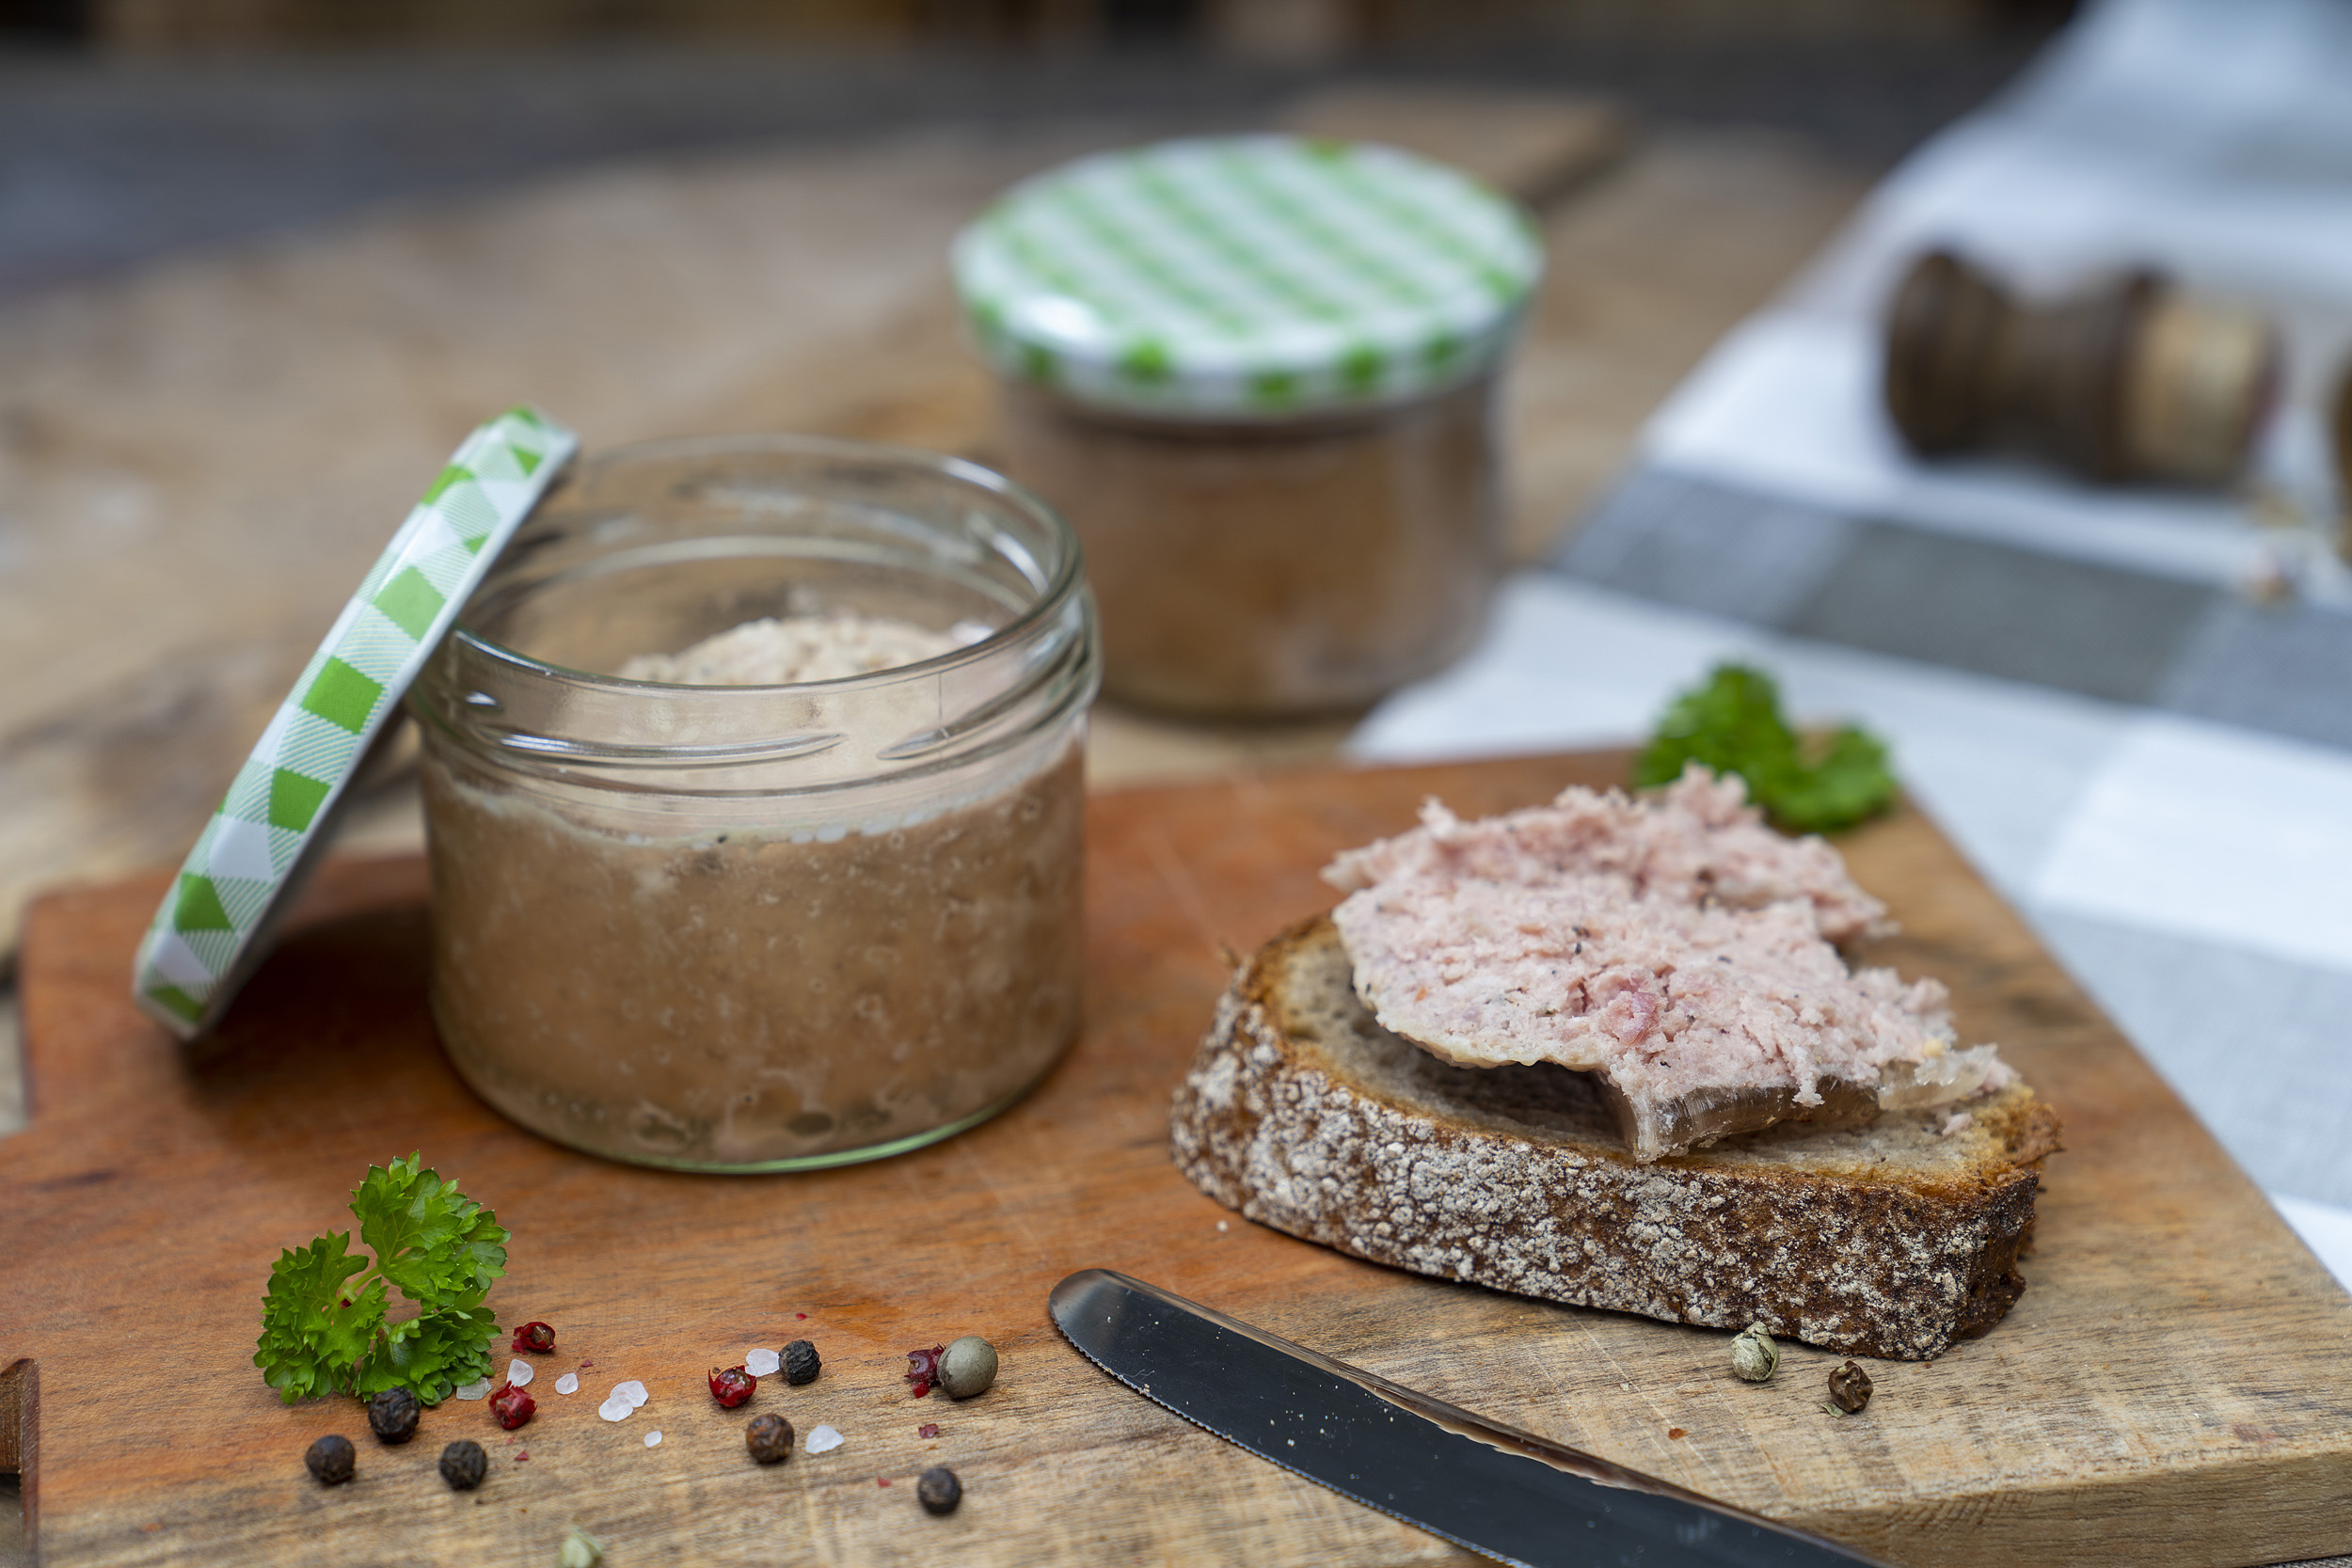 Auf einem Holzbrett steht ein Glas Schartenwurst. Daneben eine Scheibe Brot mit der Wurst. Drum herum Kräuter und Gewürze. Hinten ein weiteres Glas.